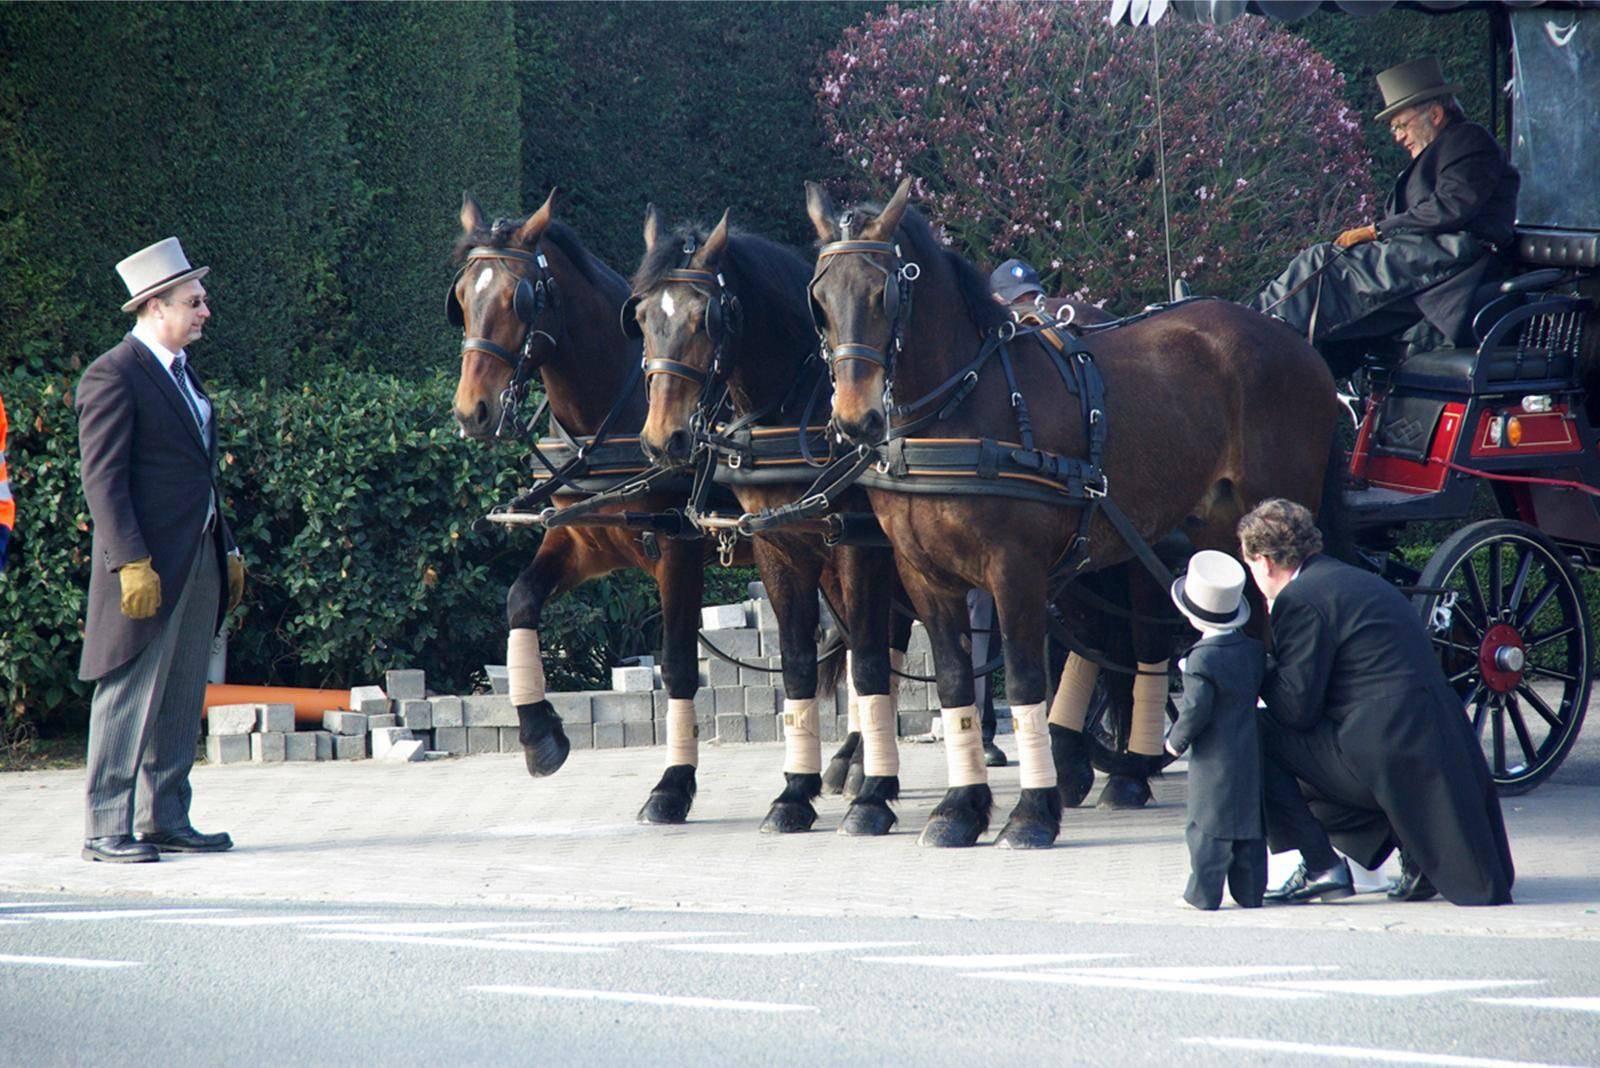 Manorhoeve - Paard en Koets - Vervoer - Ceremonievervoer - House of Weddings - 2